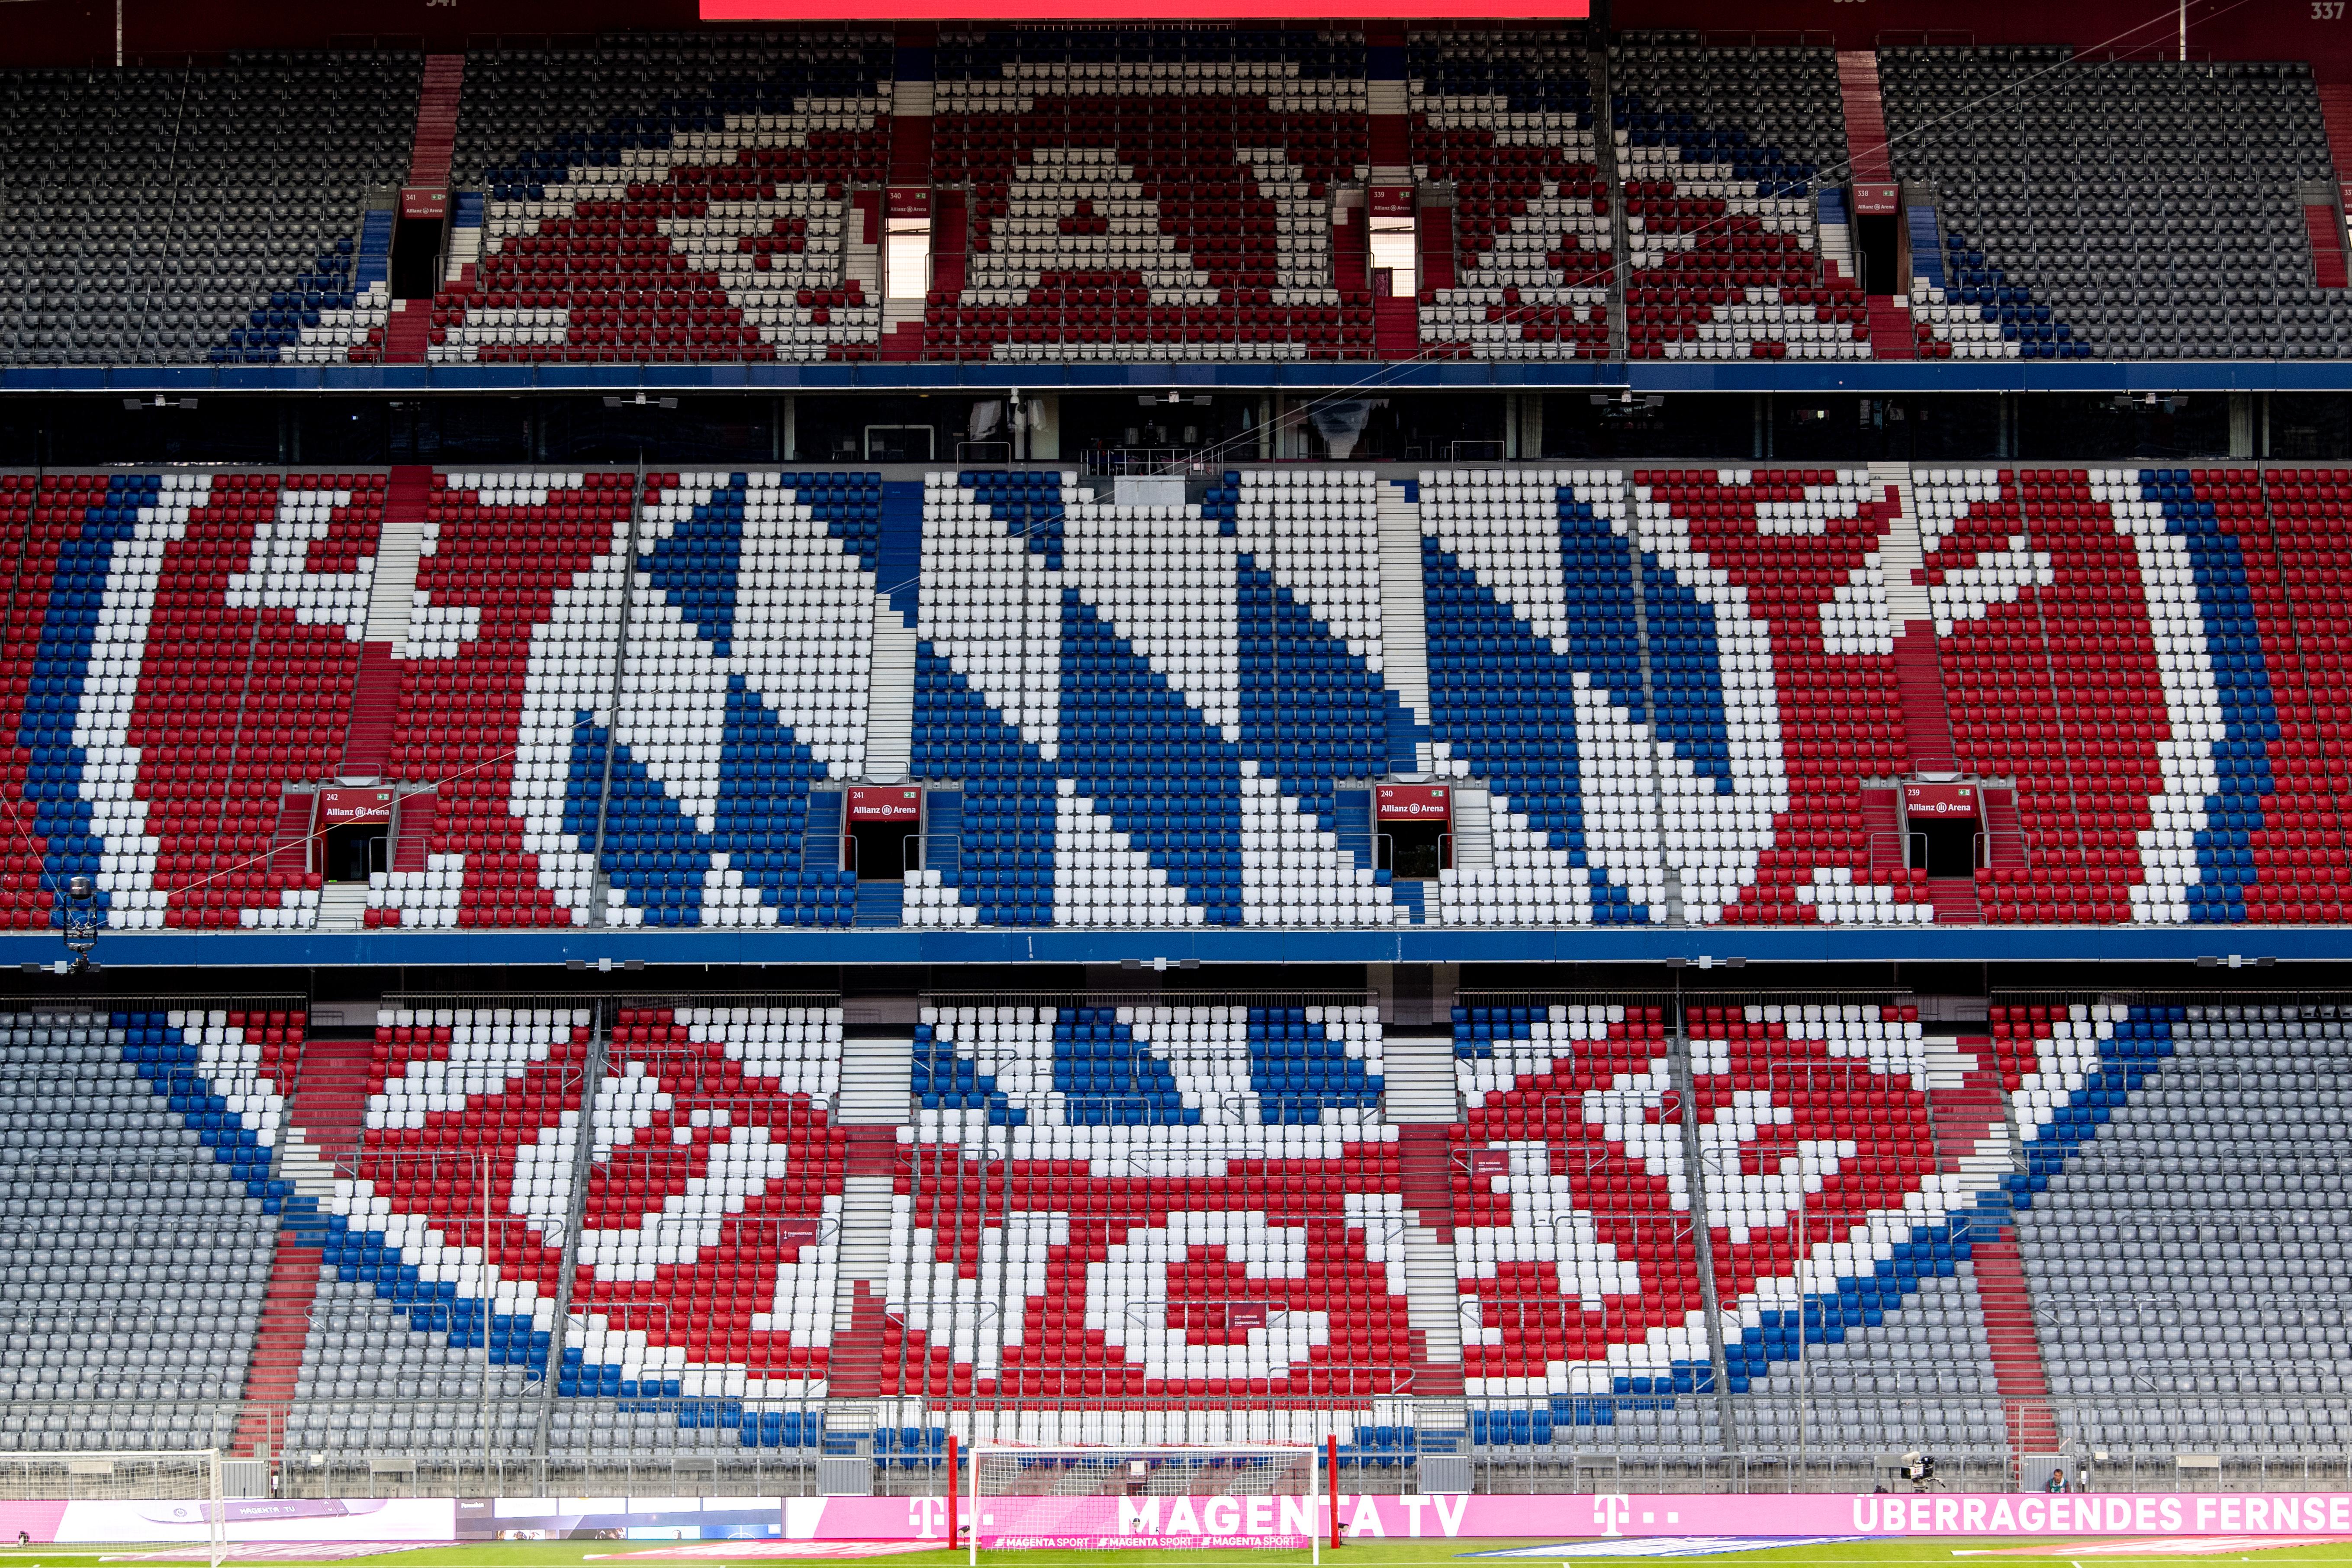 Der FC Bayern München ist deutscher Rekordmeister.